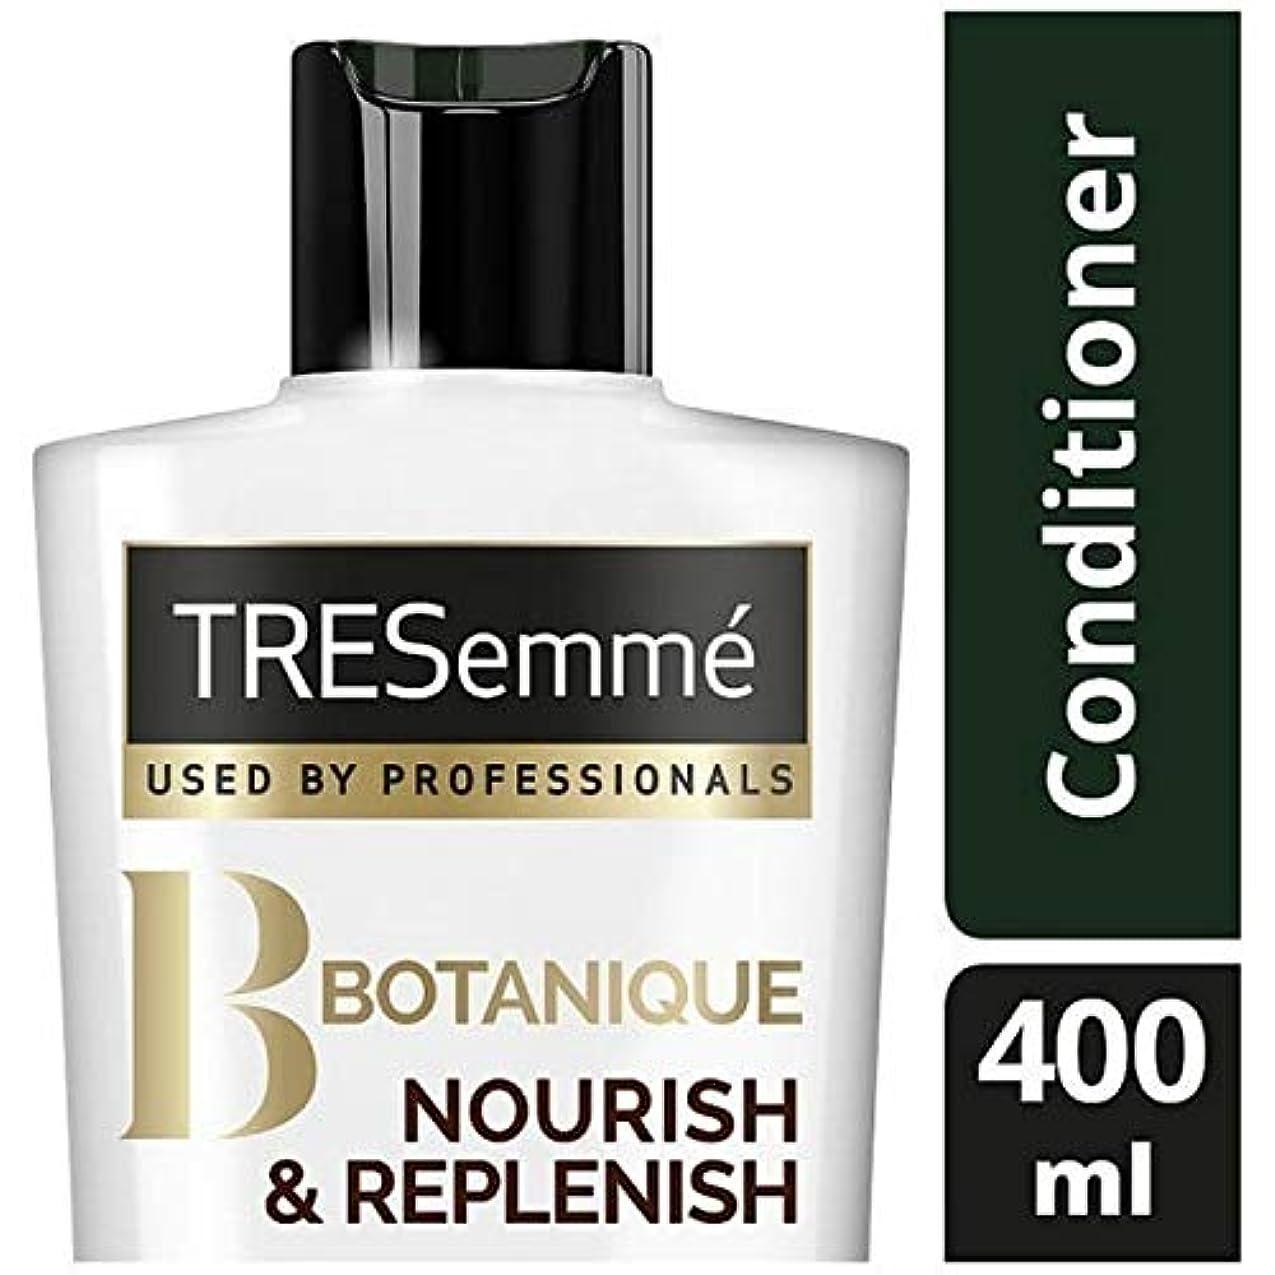 ボイラートイレ洋服[Tresemme] Tresemmeのボタニックを養う&コンディショナー400ミリリットルを補充します - TRESemme Botanique Nourish & Replenish Conditioner 400ml...